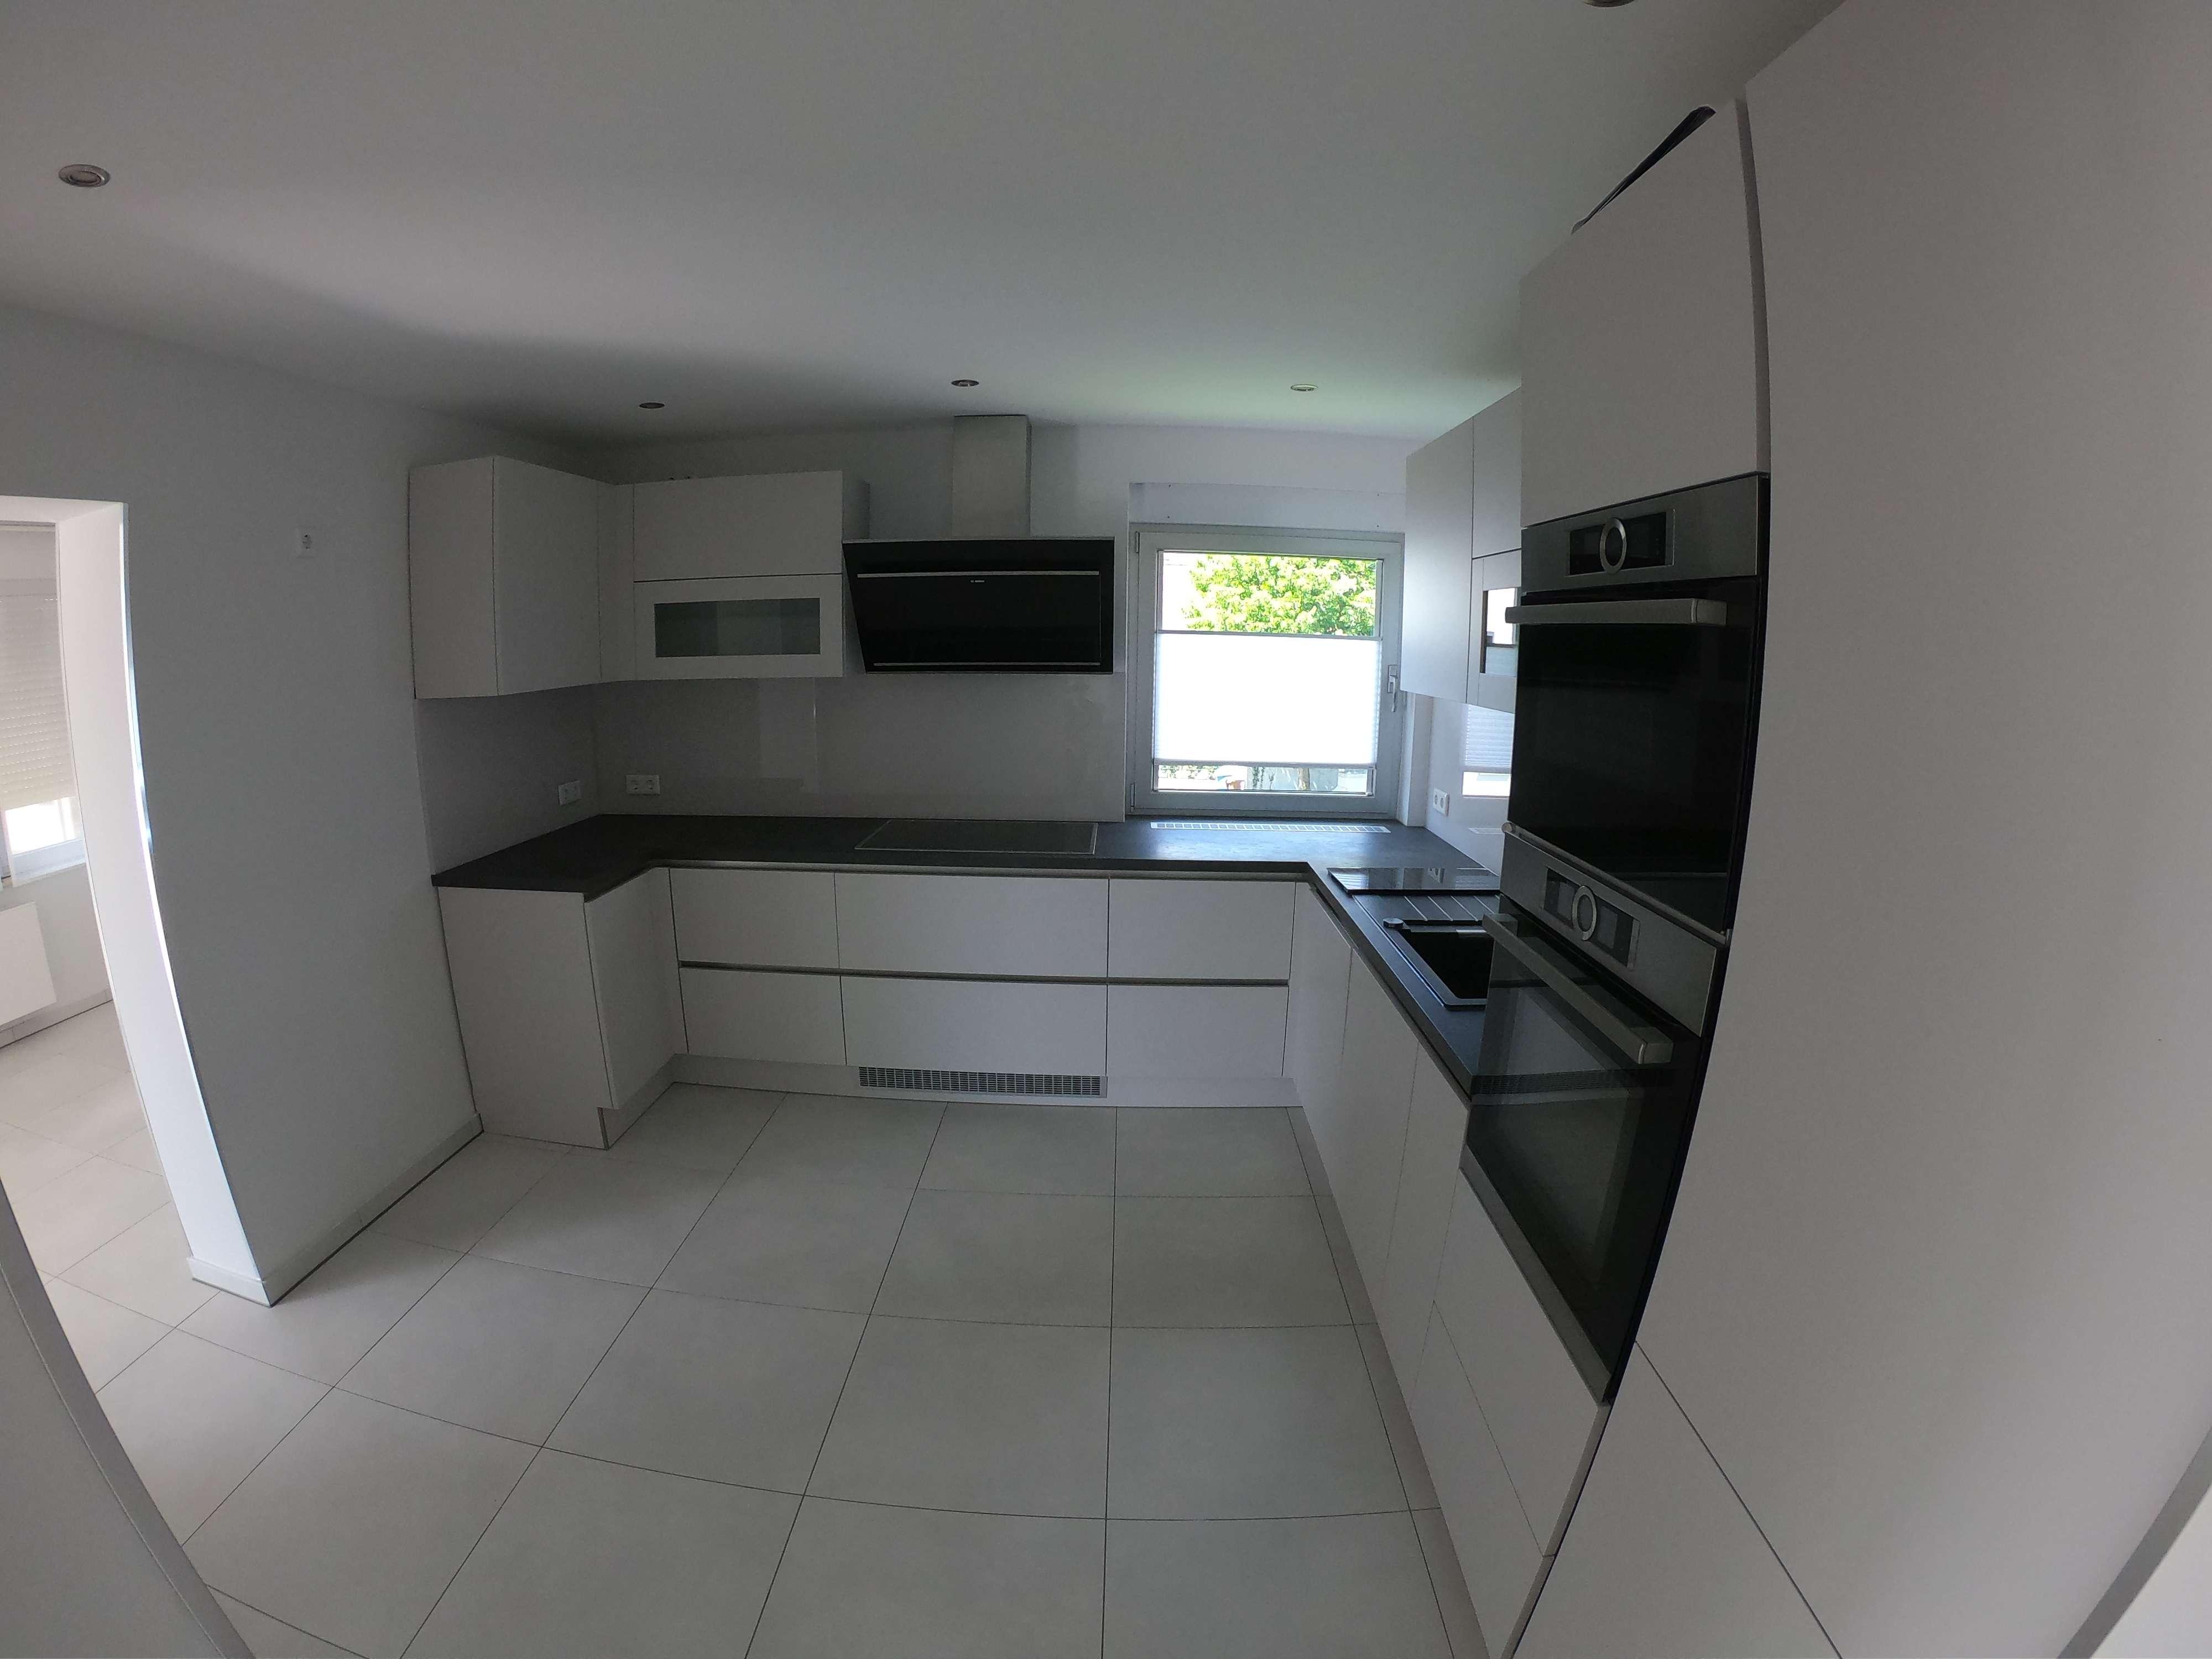 Neuwertige und helle Wohnung mit drei Zimmern sowie Balkon in